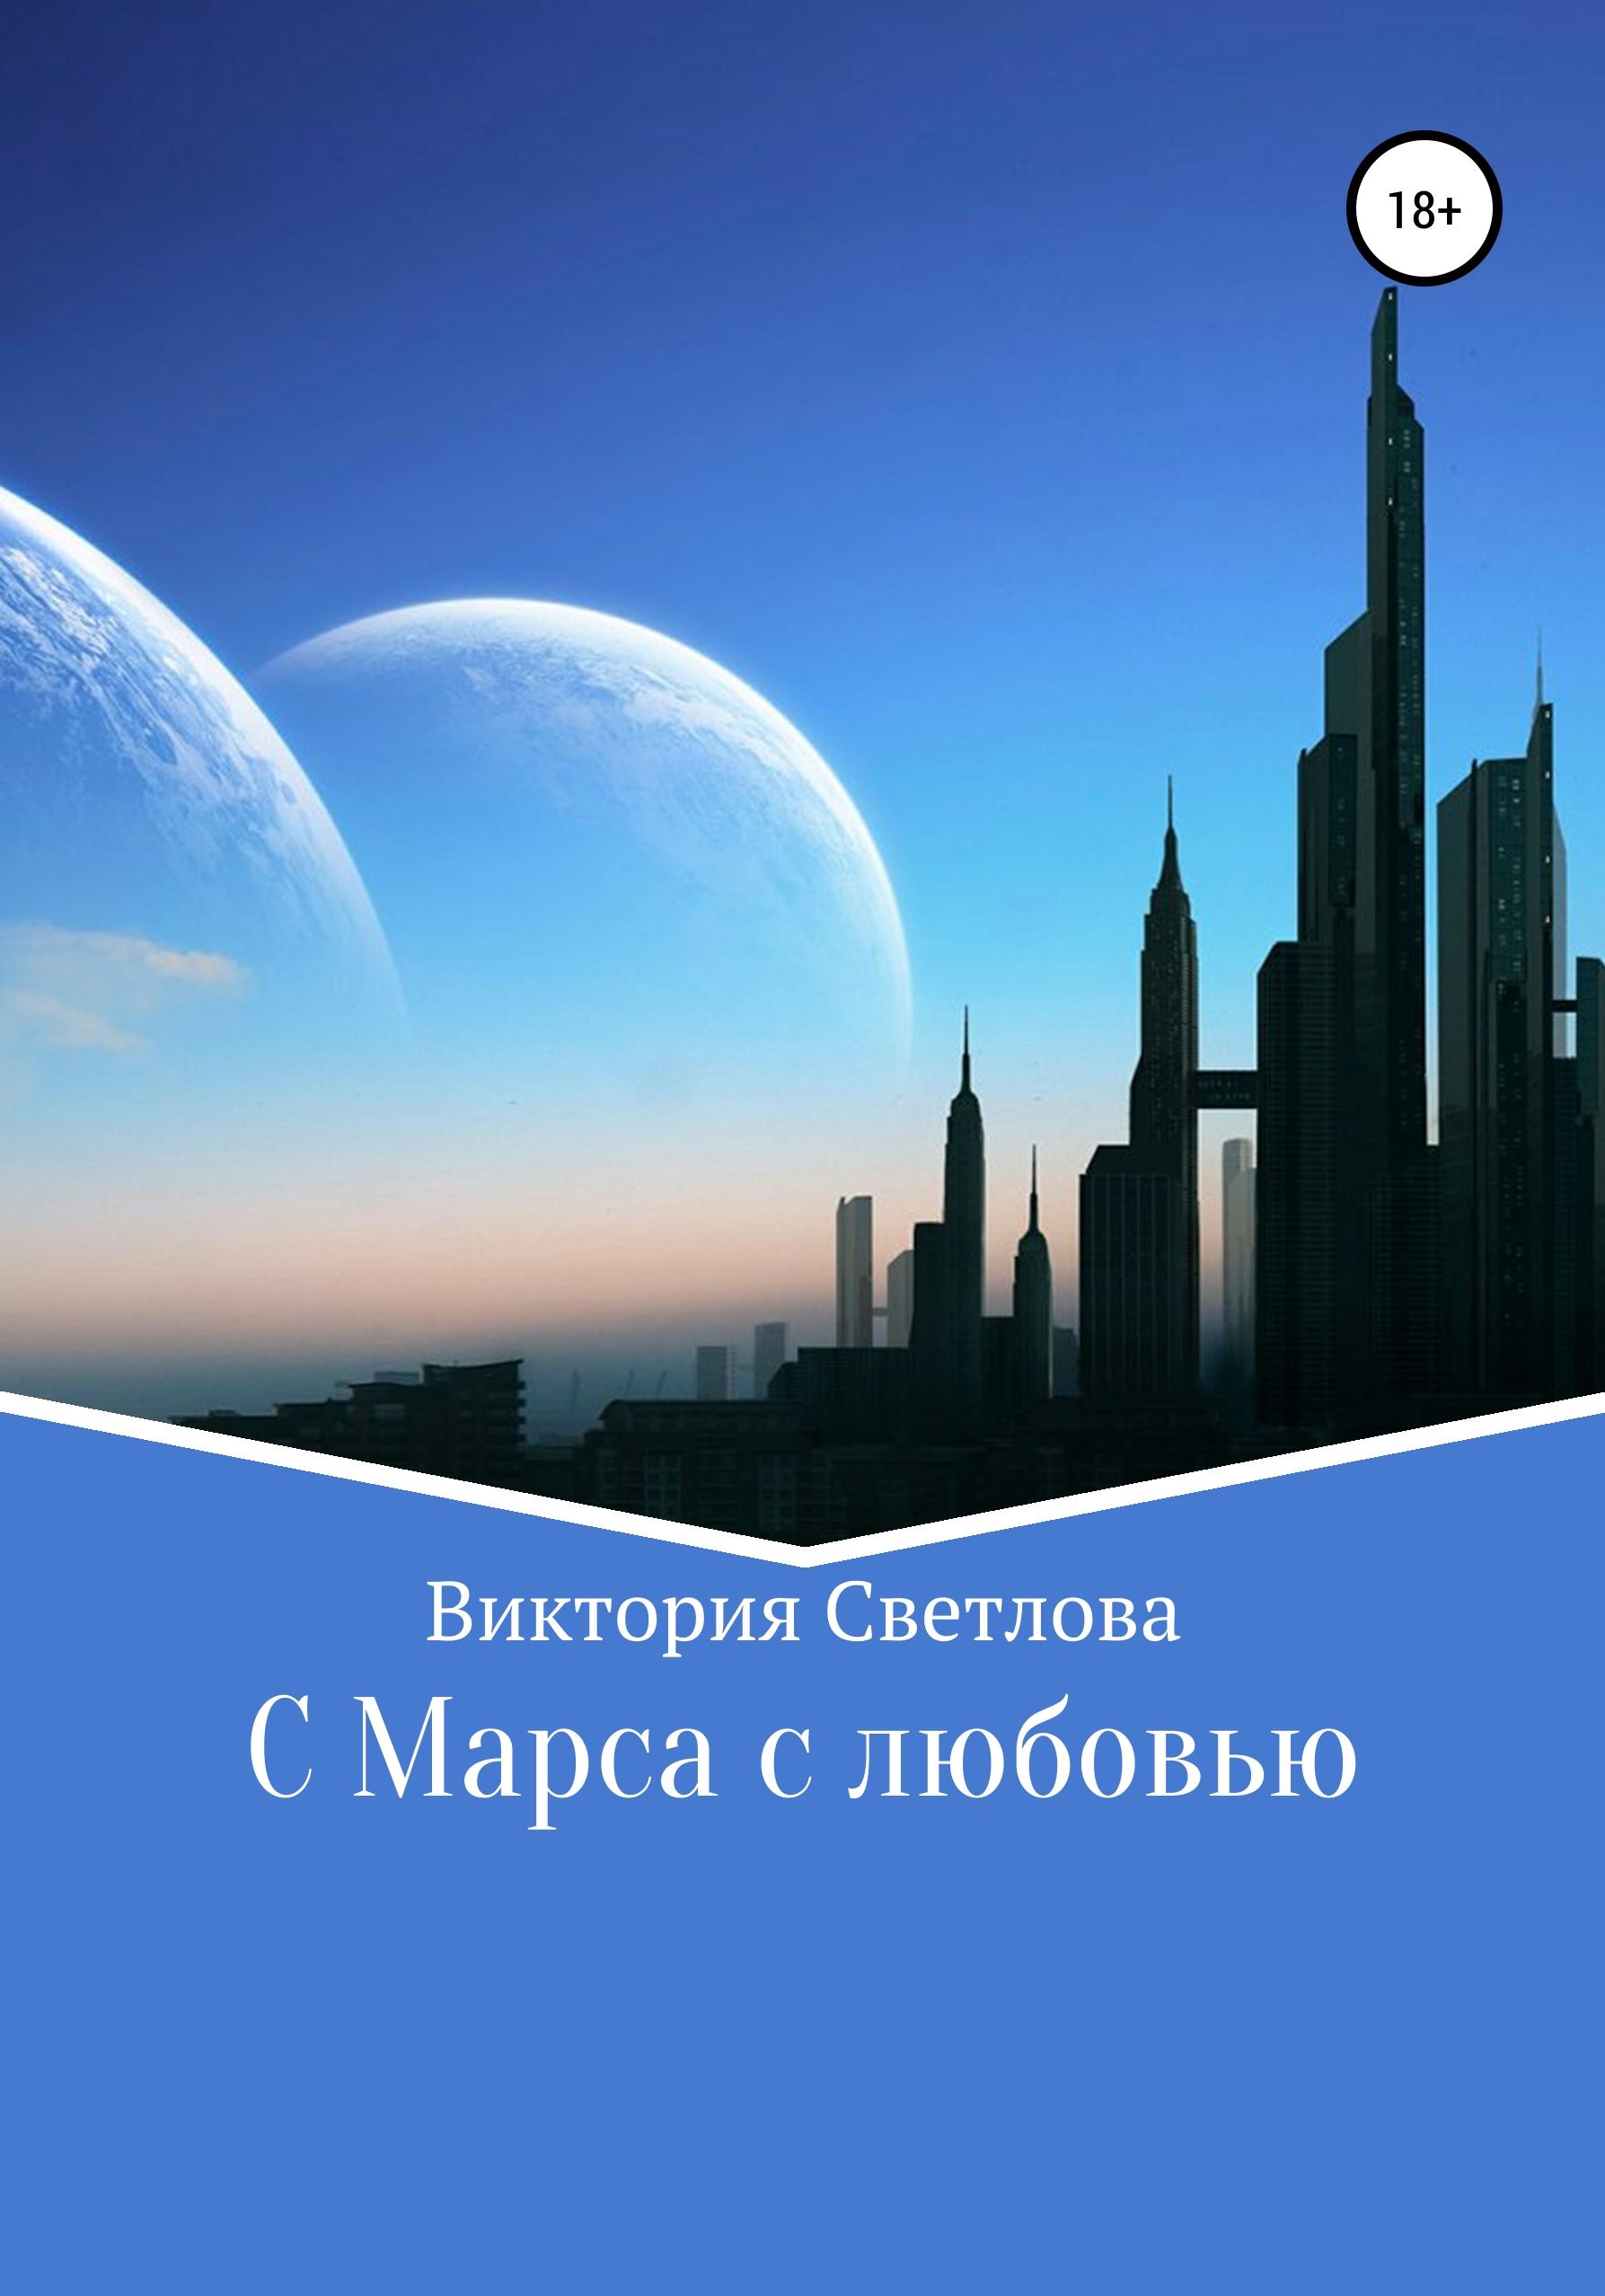 Виктория Светлова C Марса с любовью